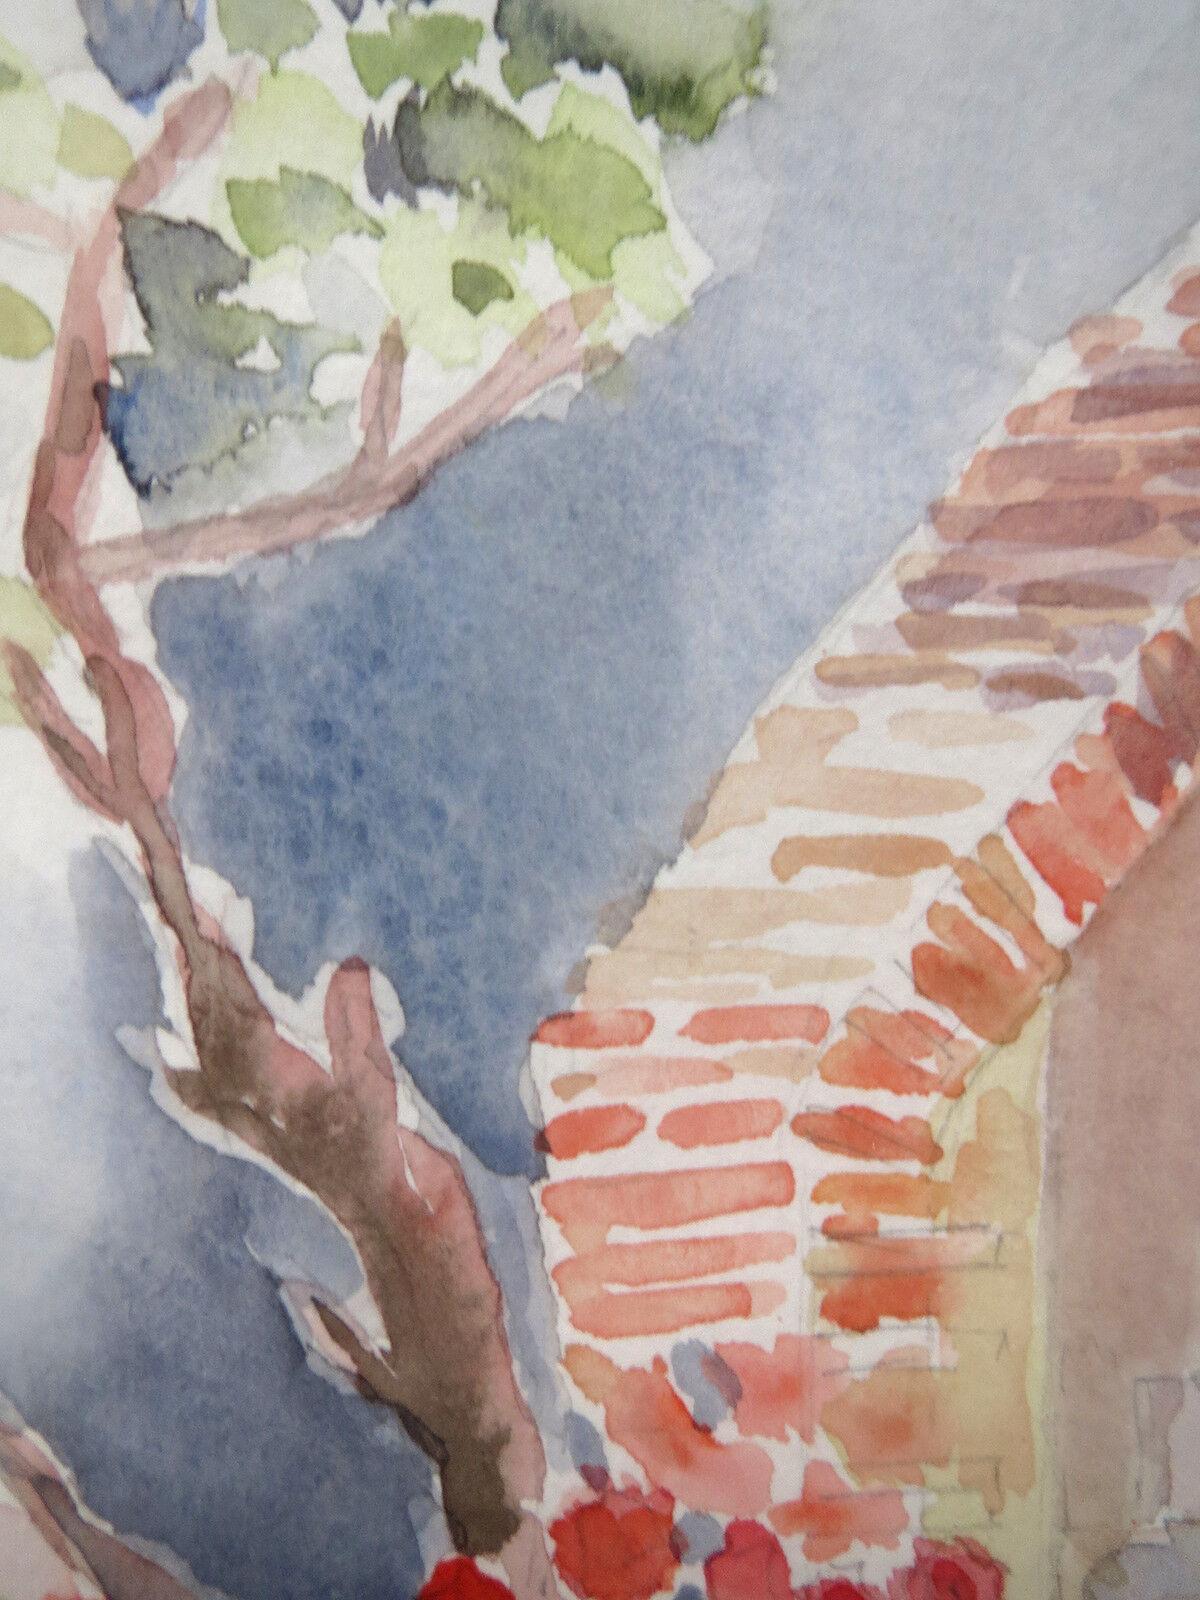 Français Impressionniste Paysage Aquarelle Peinture Signée Signée Peinture Madame Lardeur 617c52